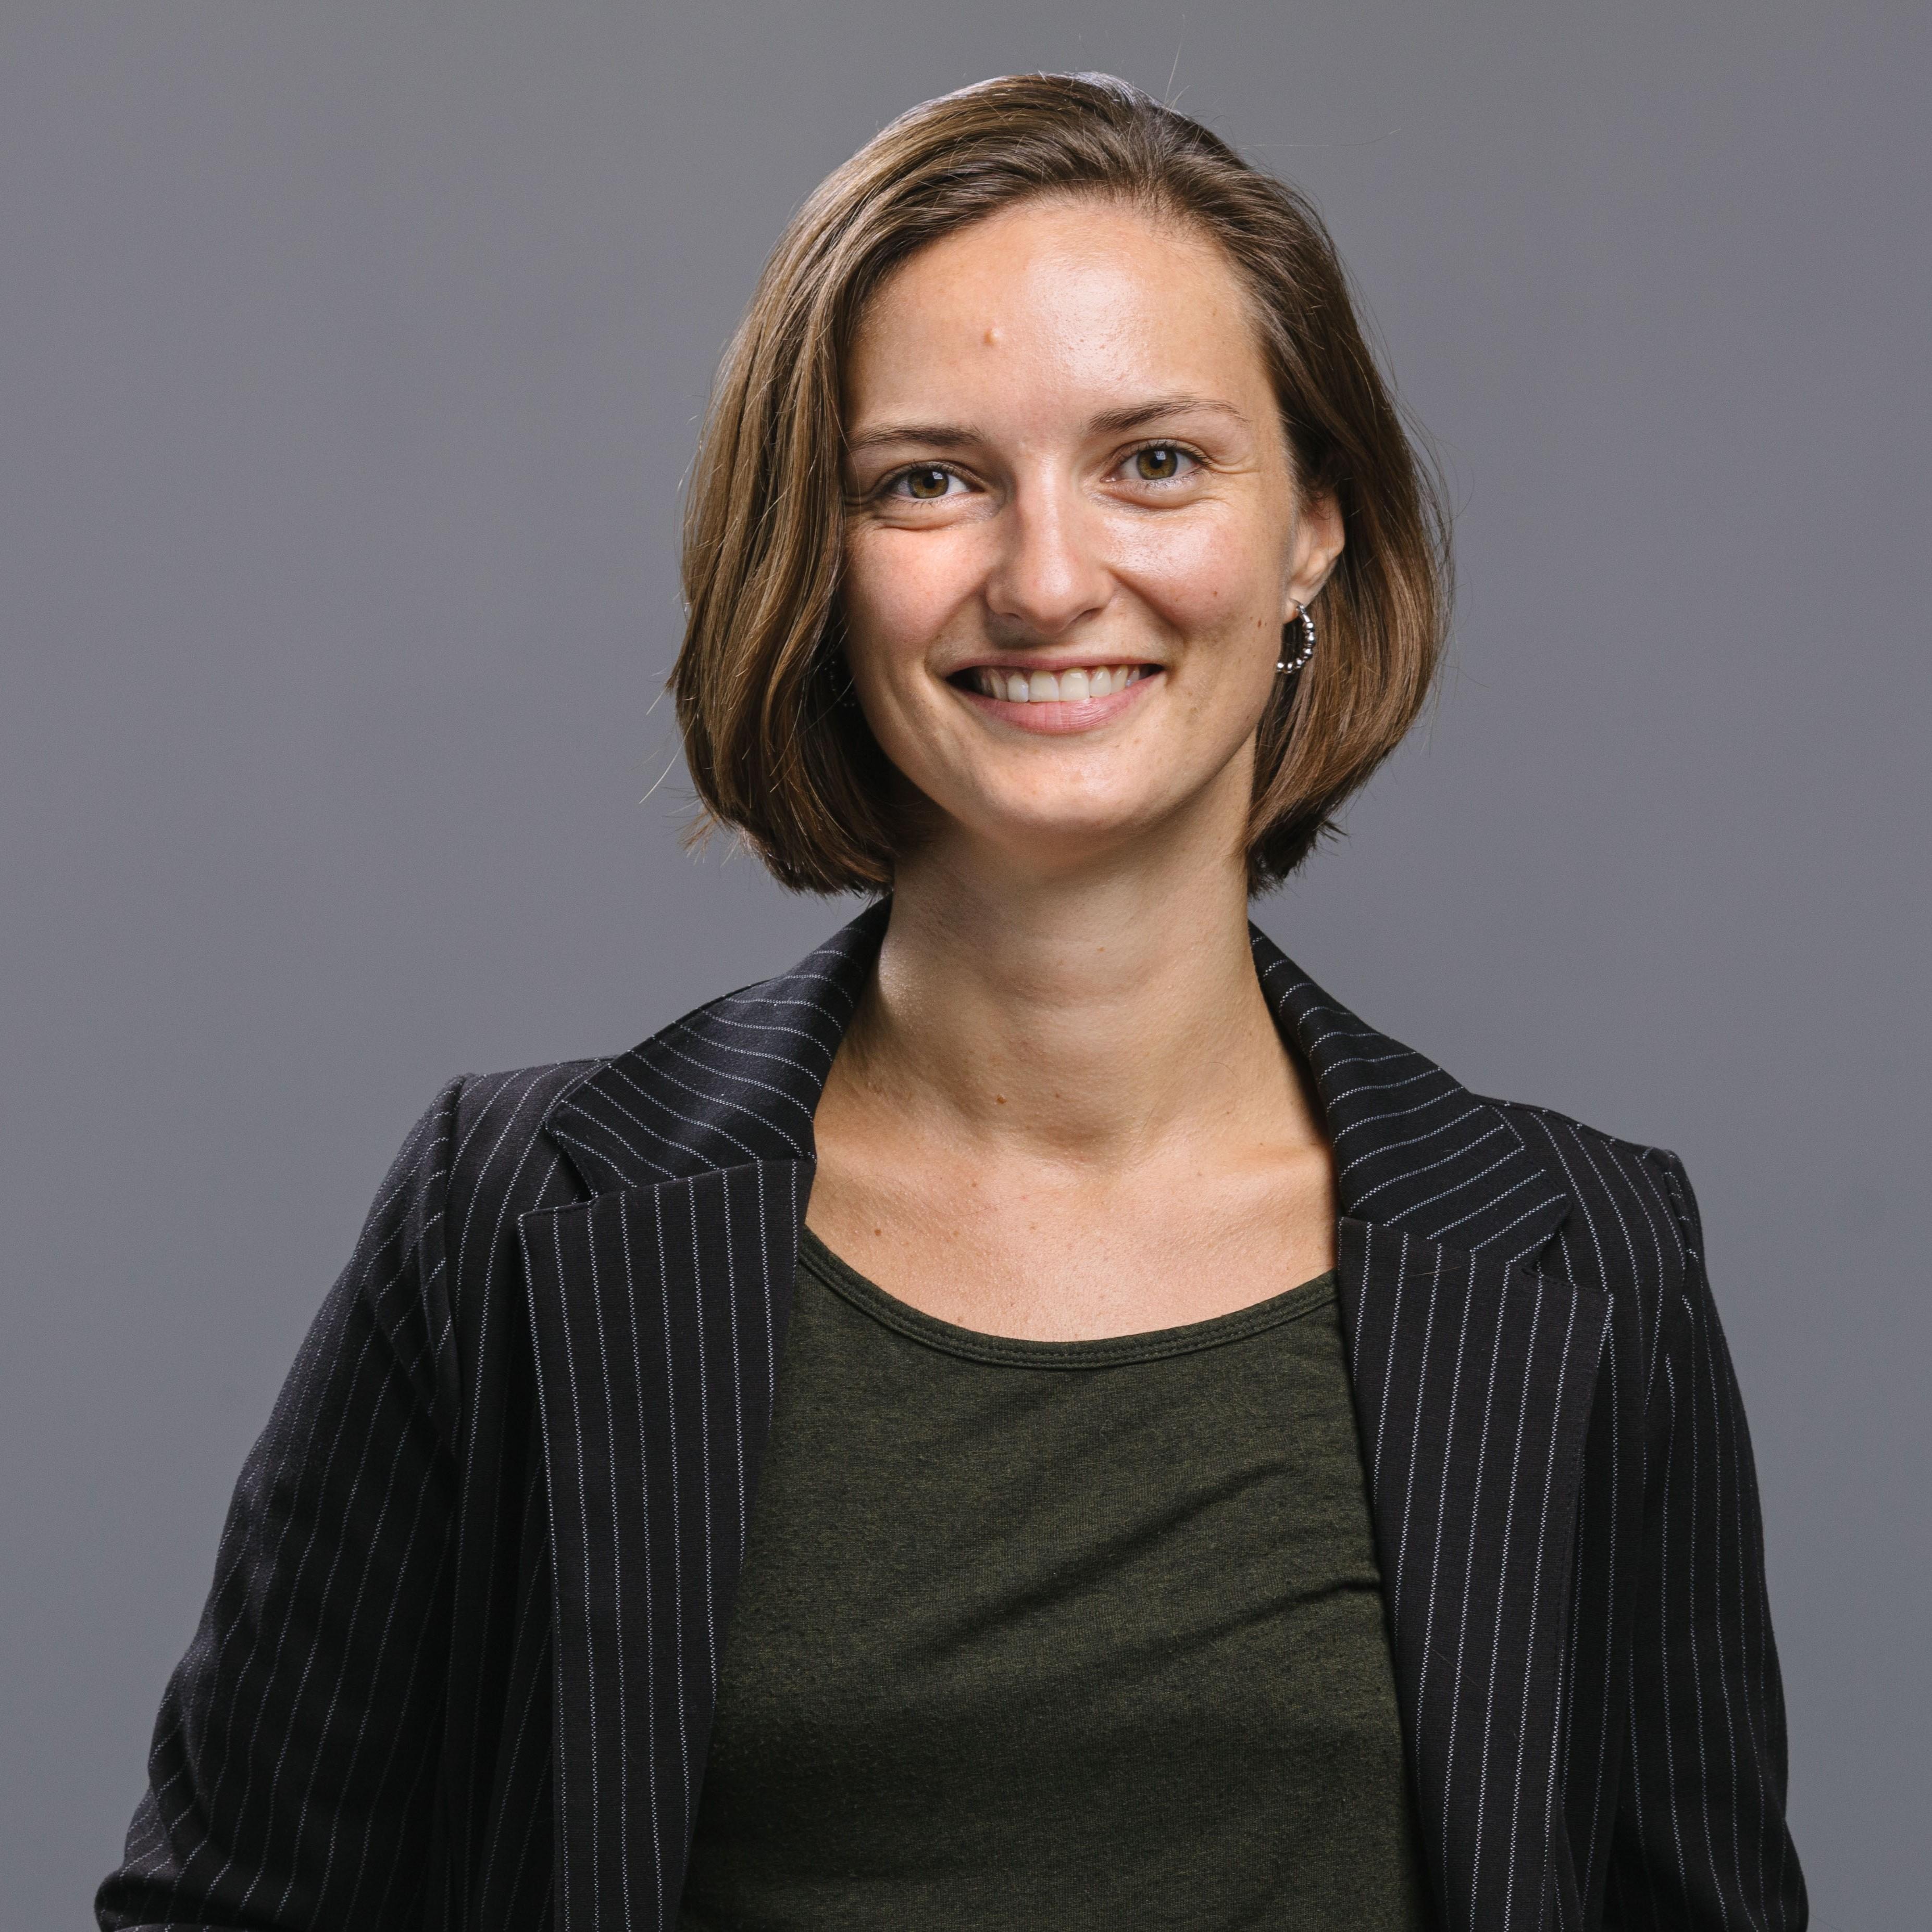 Anna Billharz